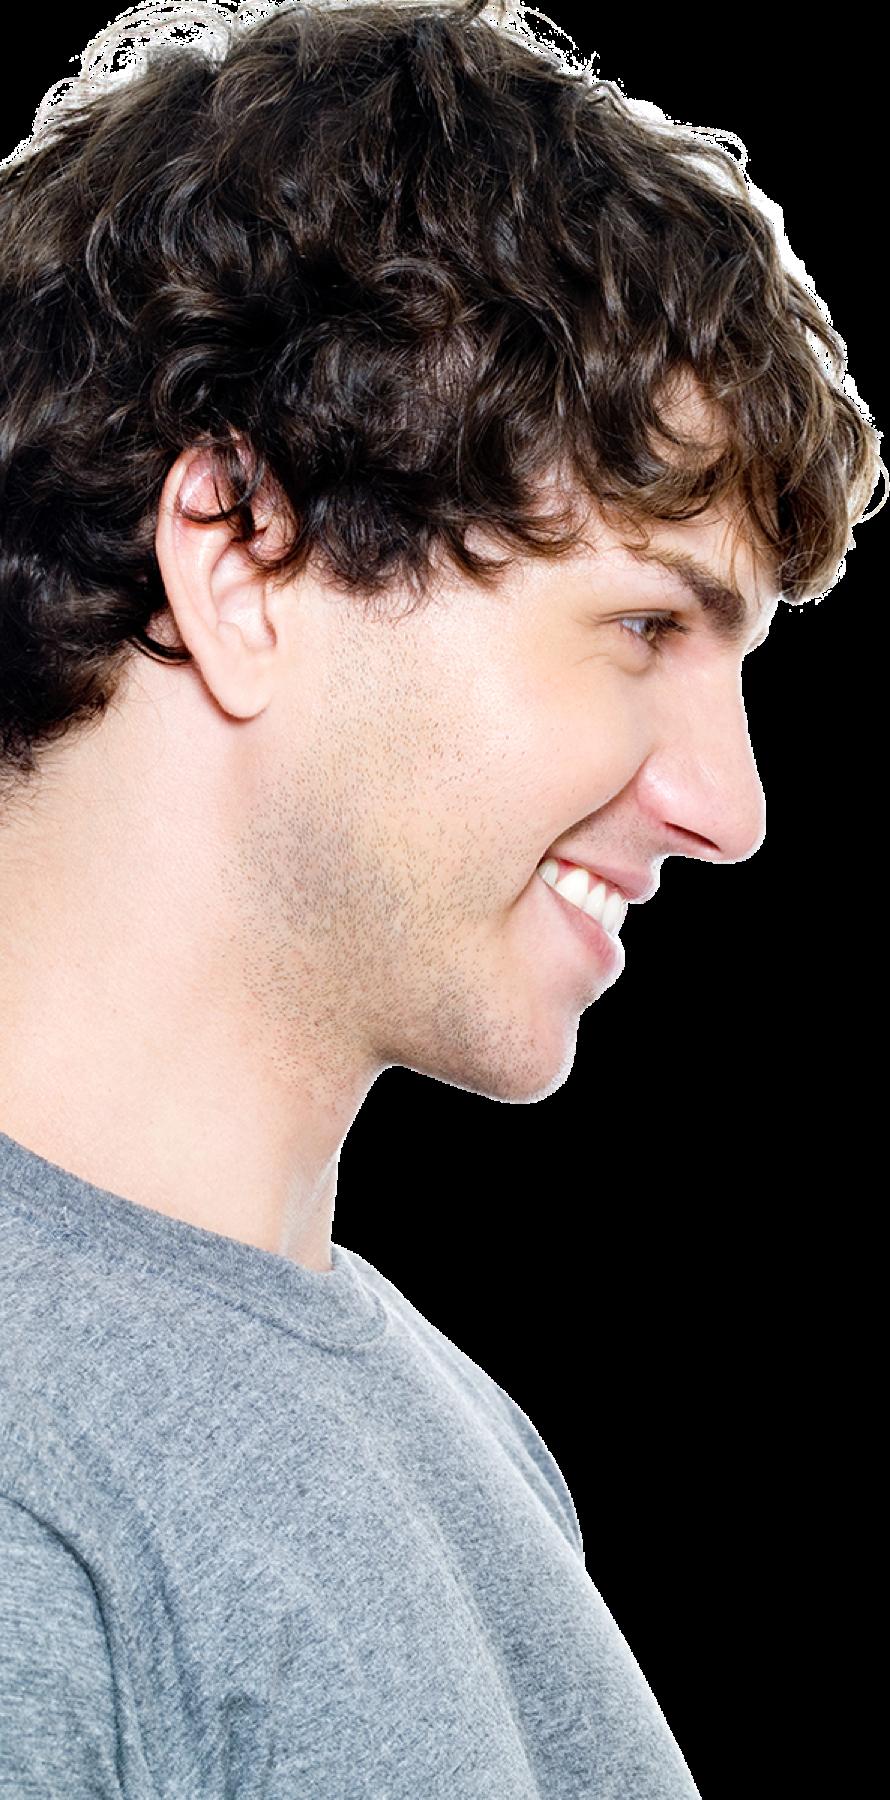 lächelnder Mann mit braunen Haaren im Seitenprofil